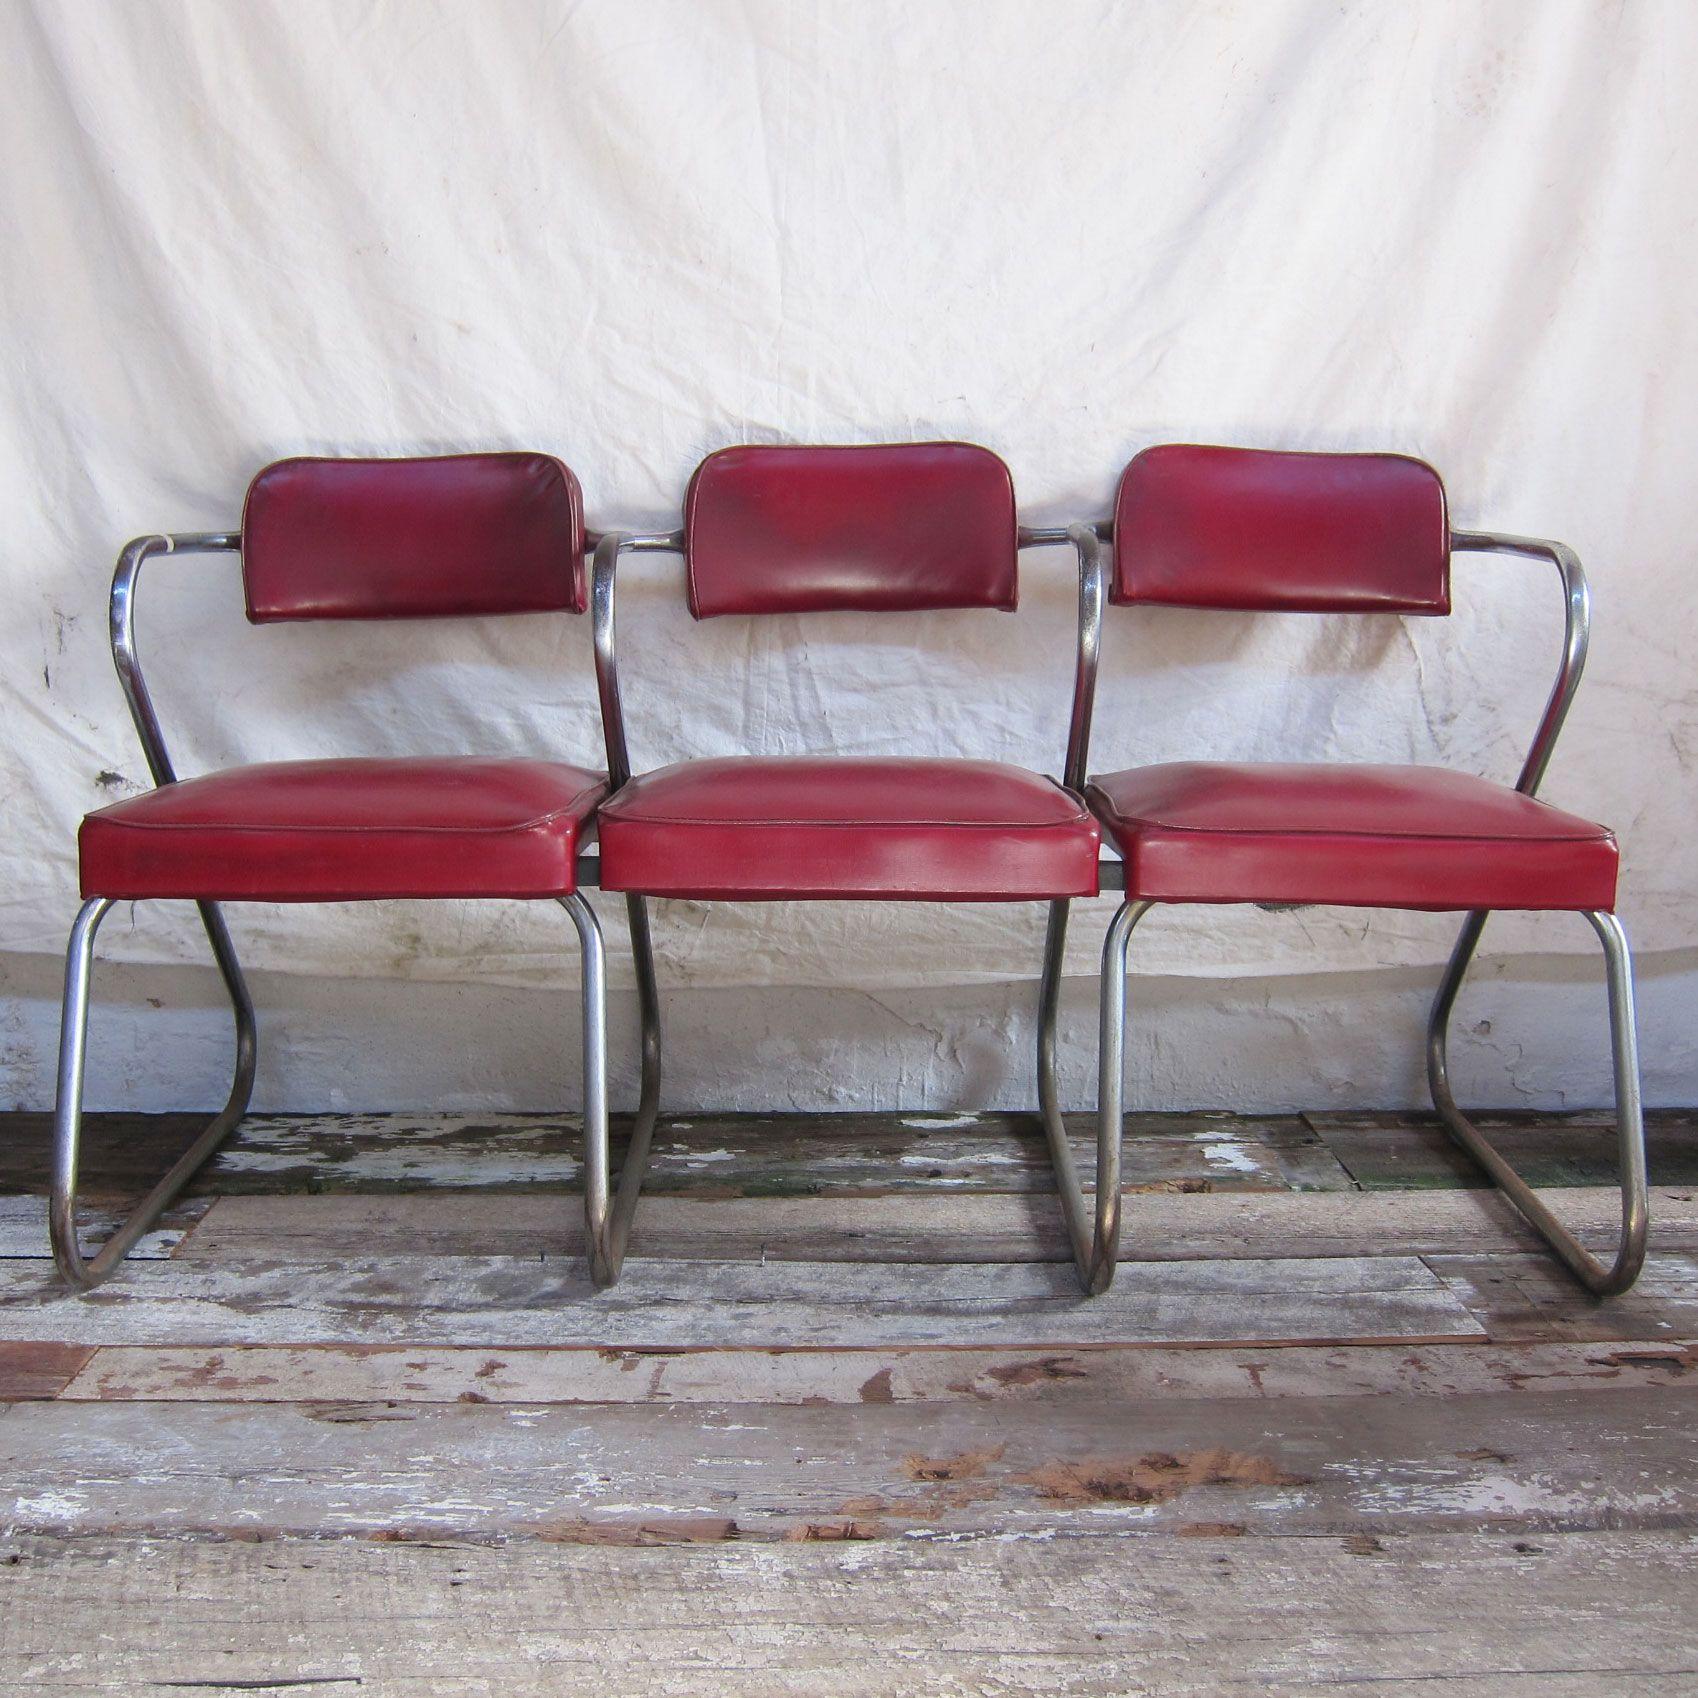 keramiek parket: slijt niet, vet- zuurbestendig en er kan vloerverwarming onder. barbershop waiting chairs or ???